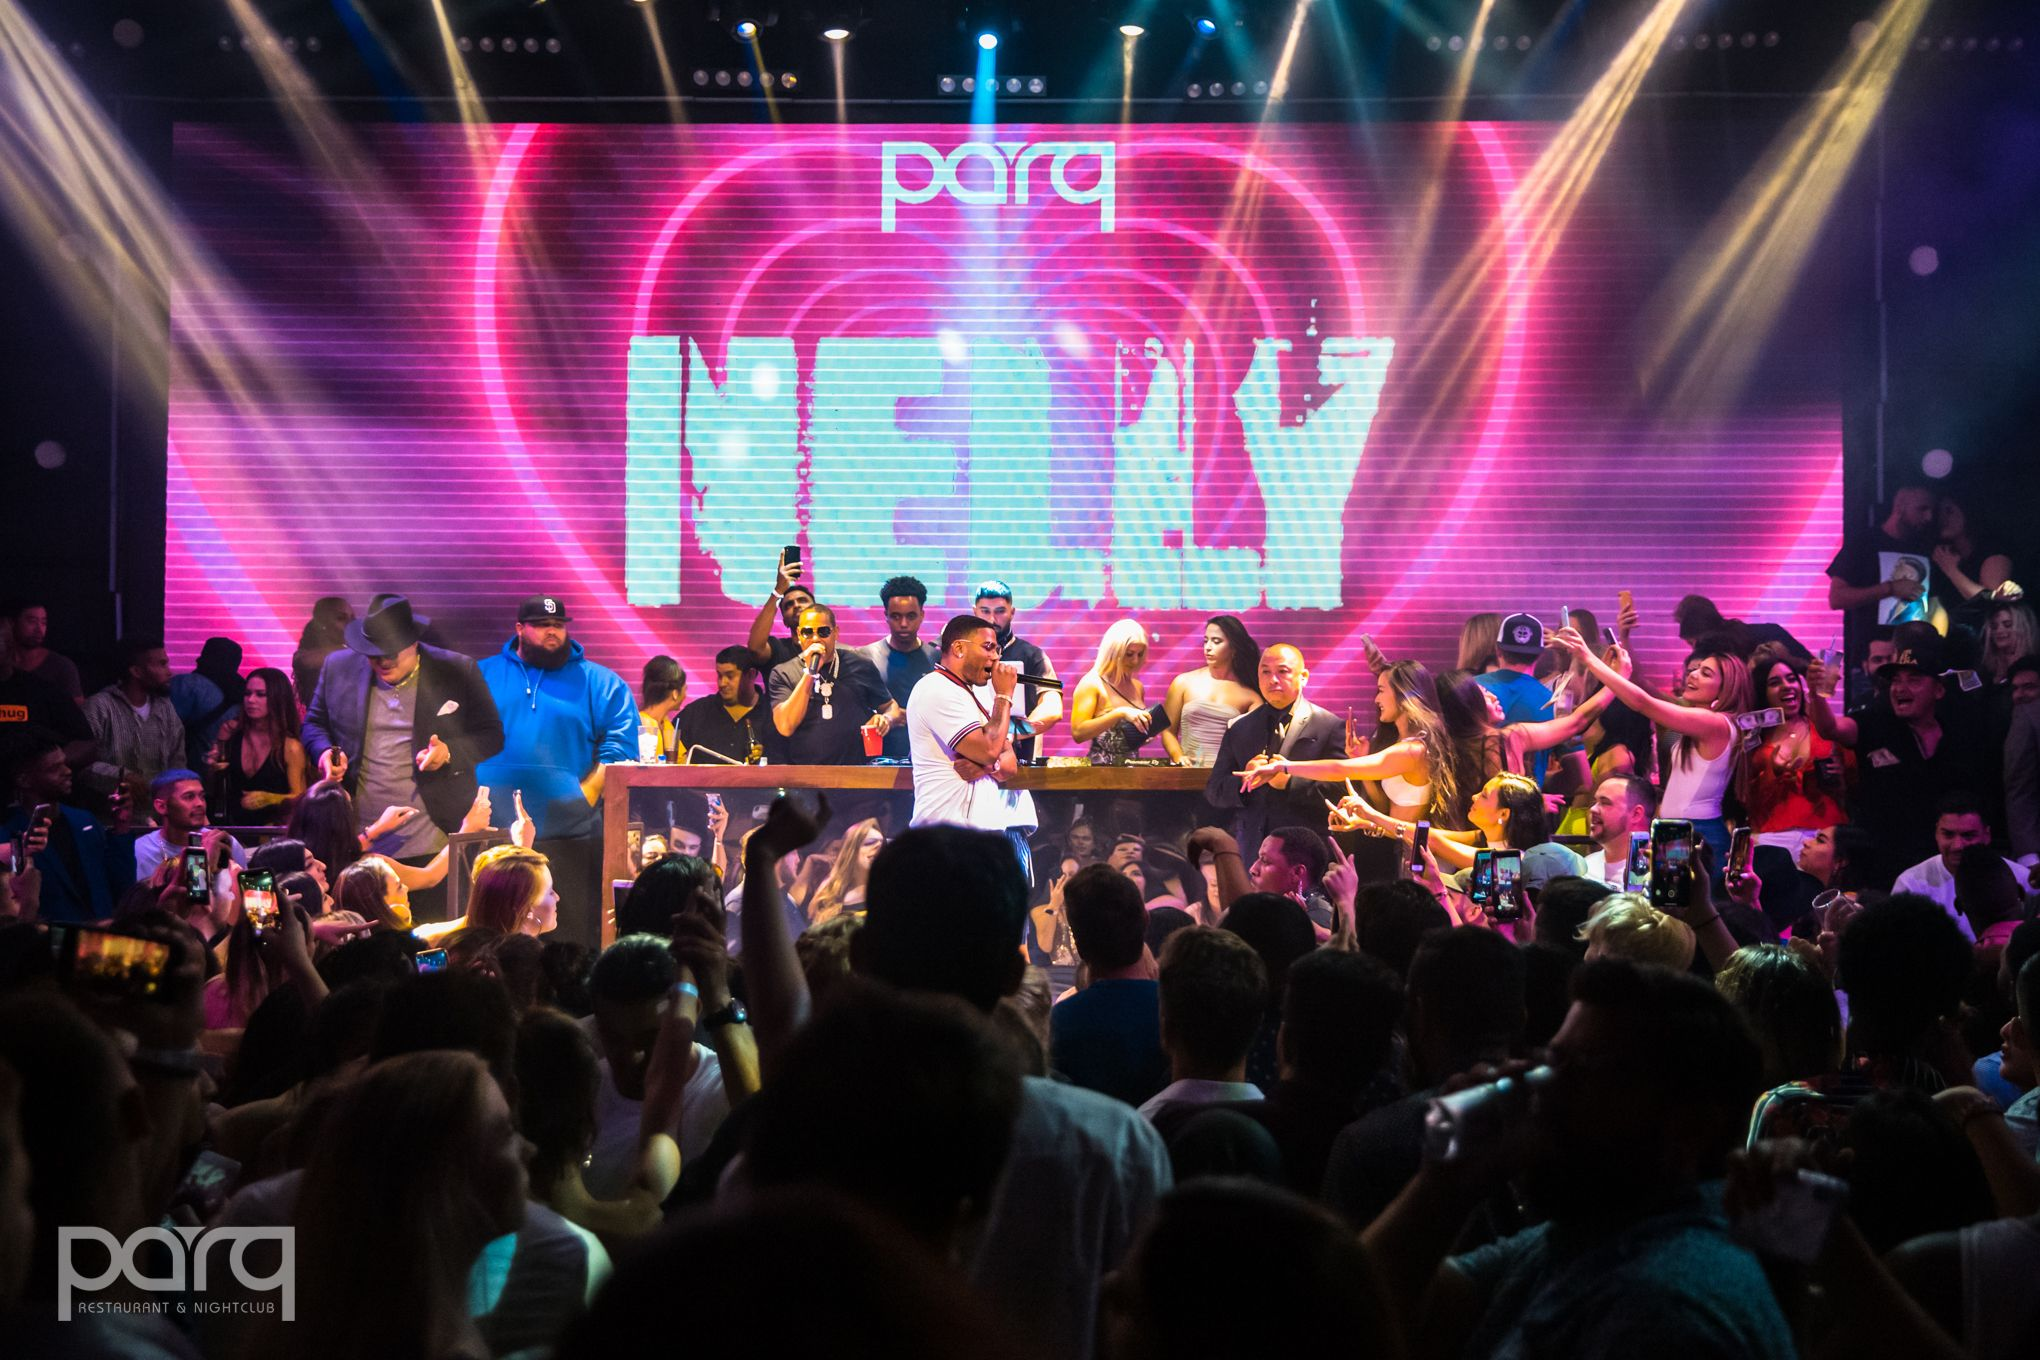 09.01.19 Parq - Nelly-7.jpg